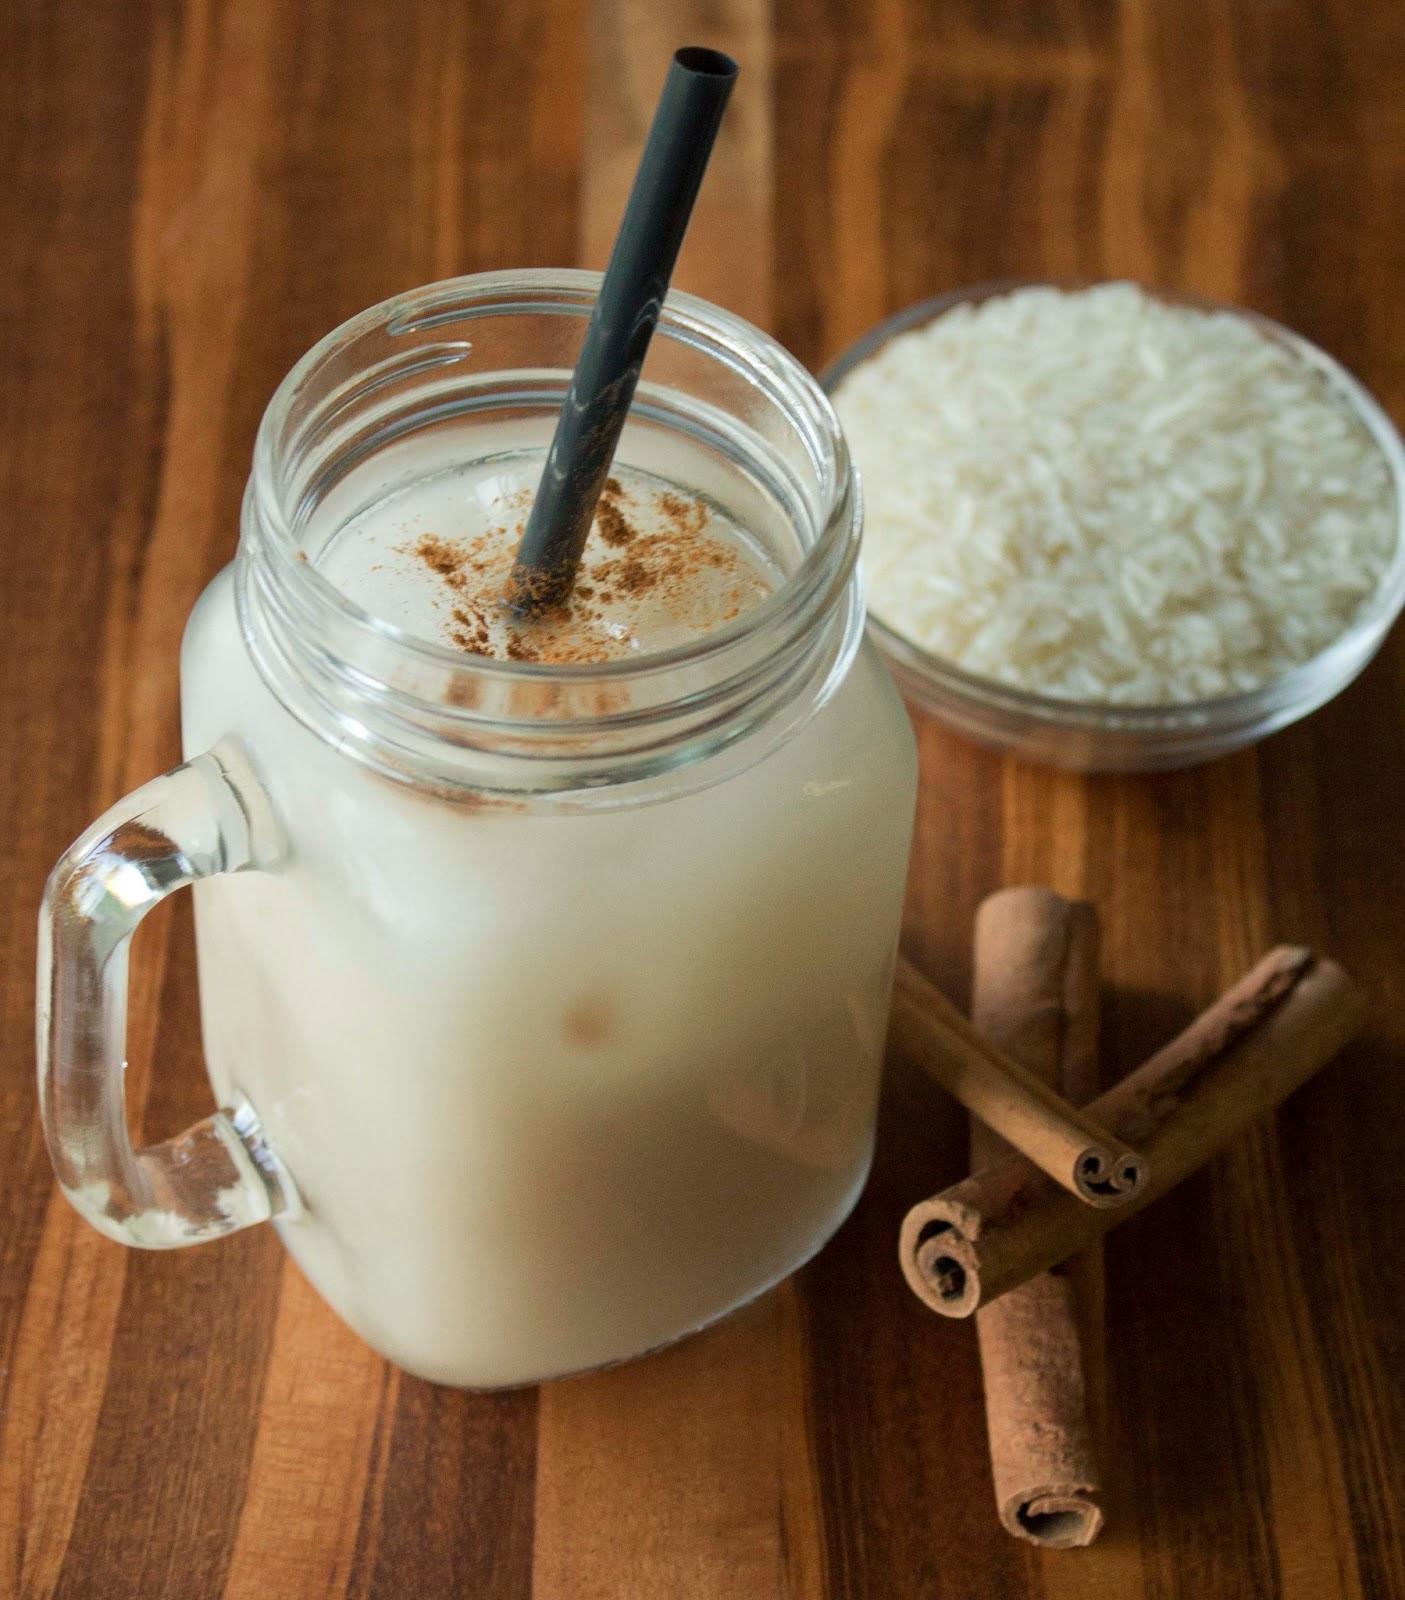 Remedios caseros para el dolor de estomago agua de arroz